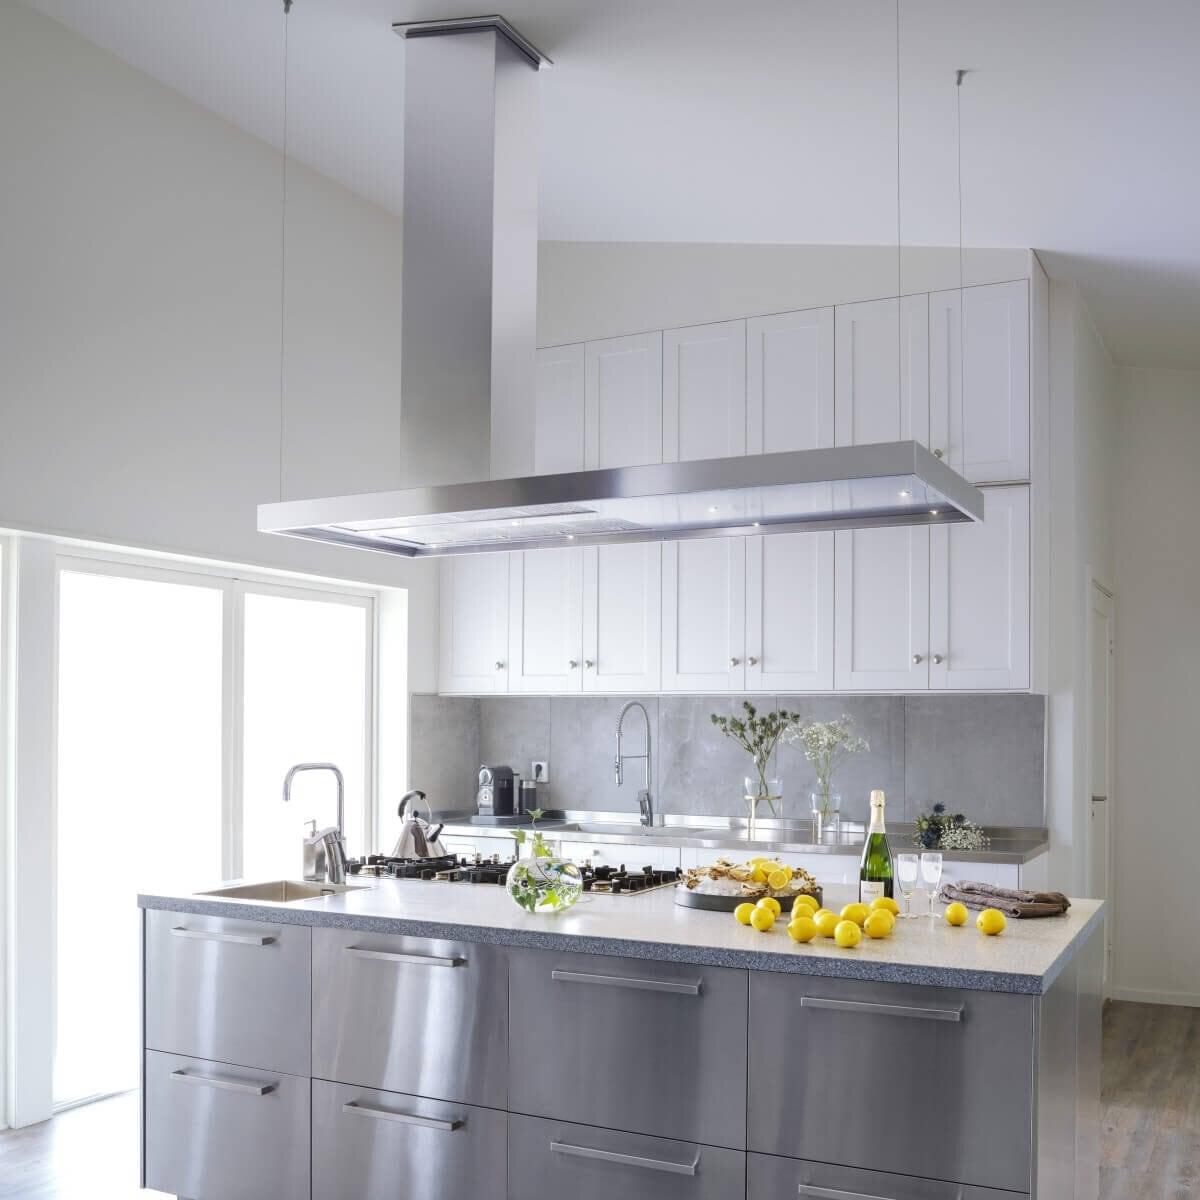 Frihängande köksfläkten Fokus i rostfritt i stort och öppet kök med lutande innertak.